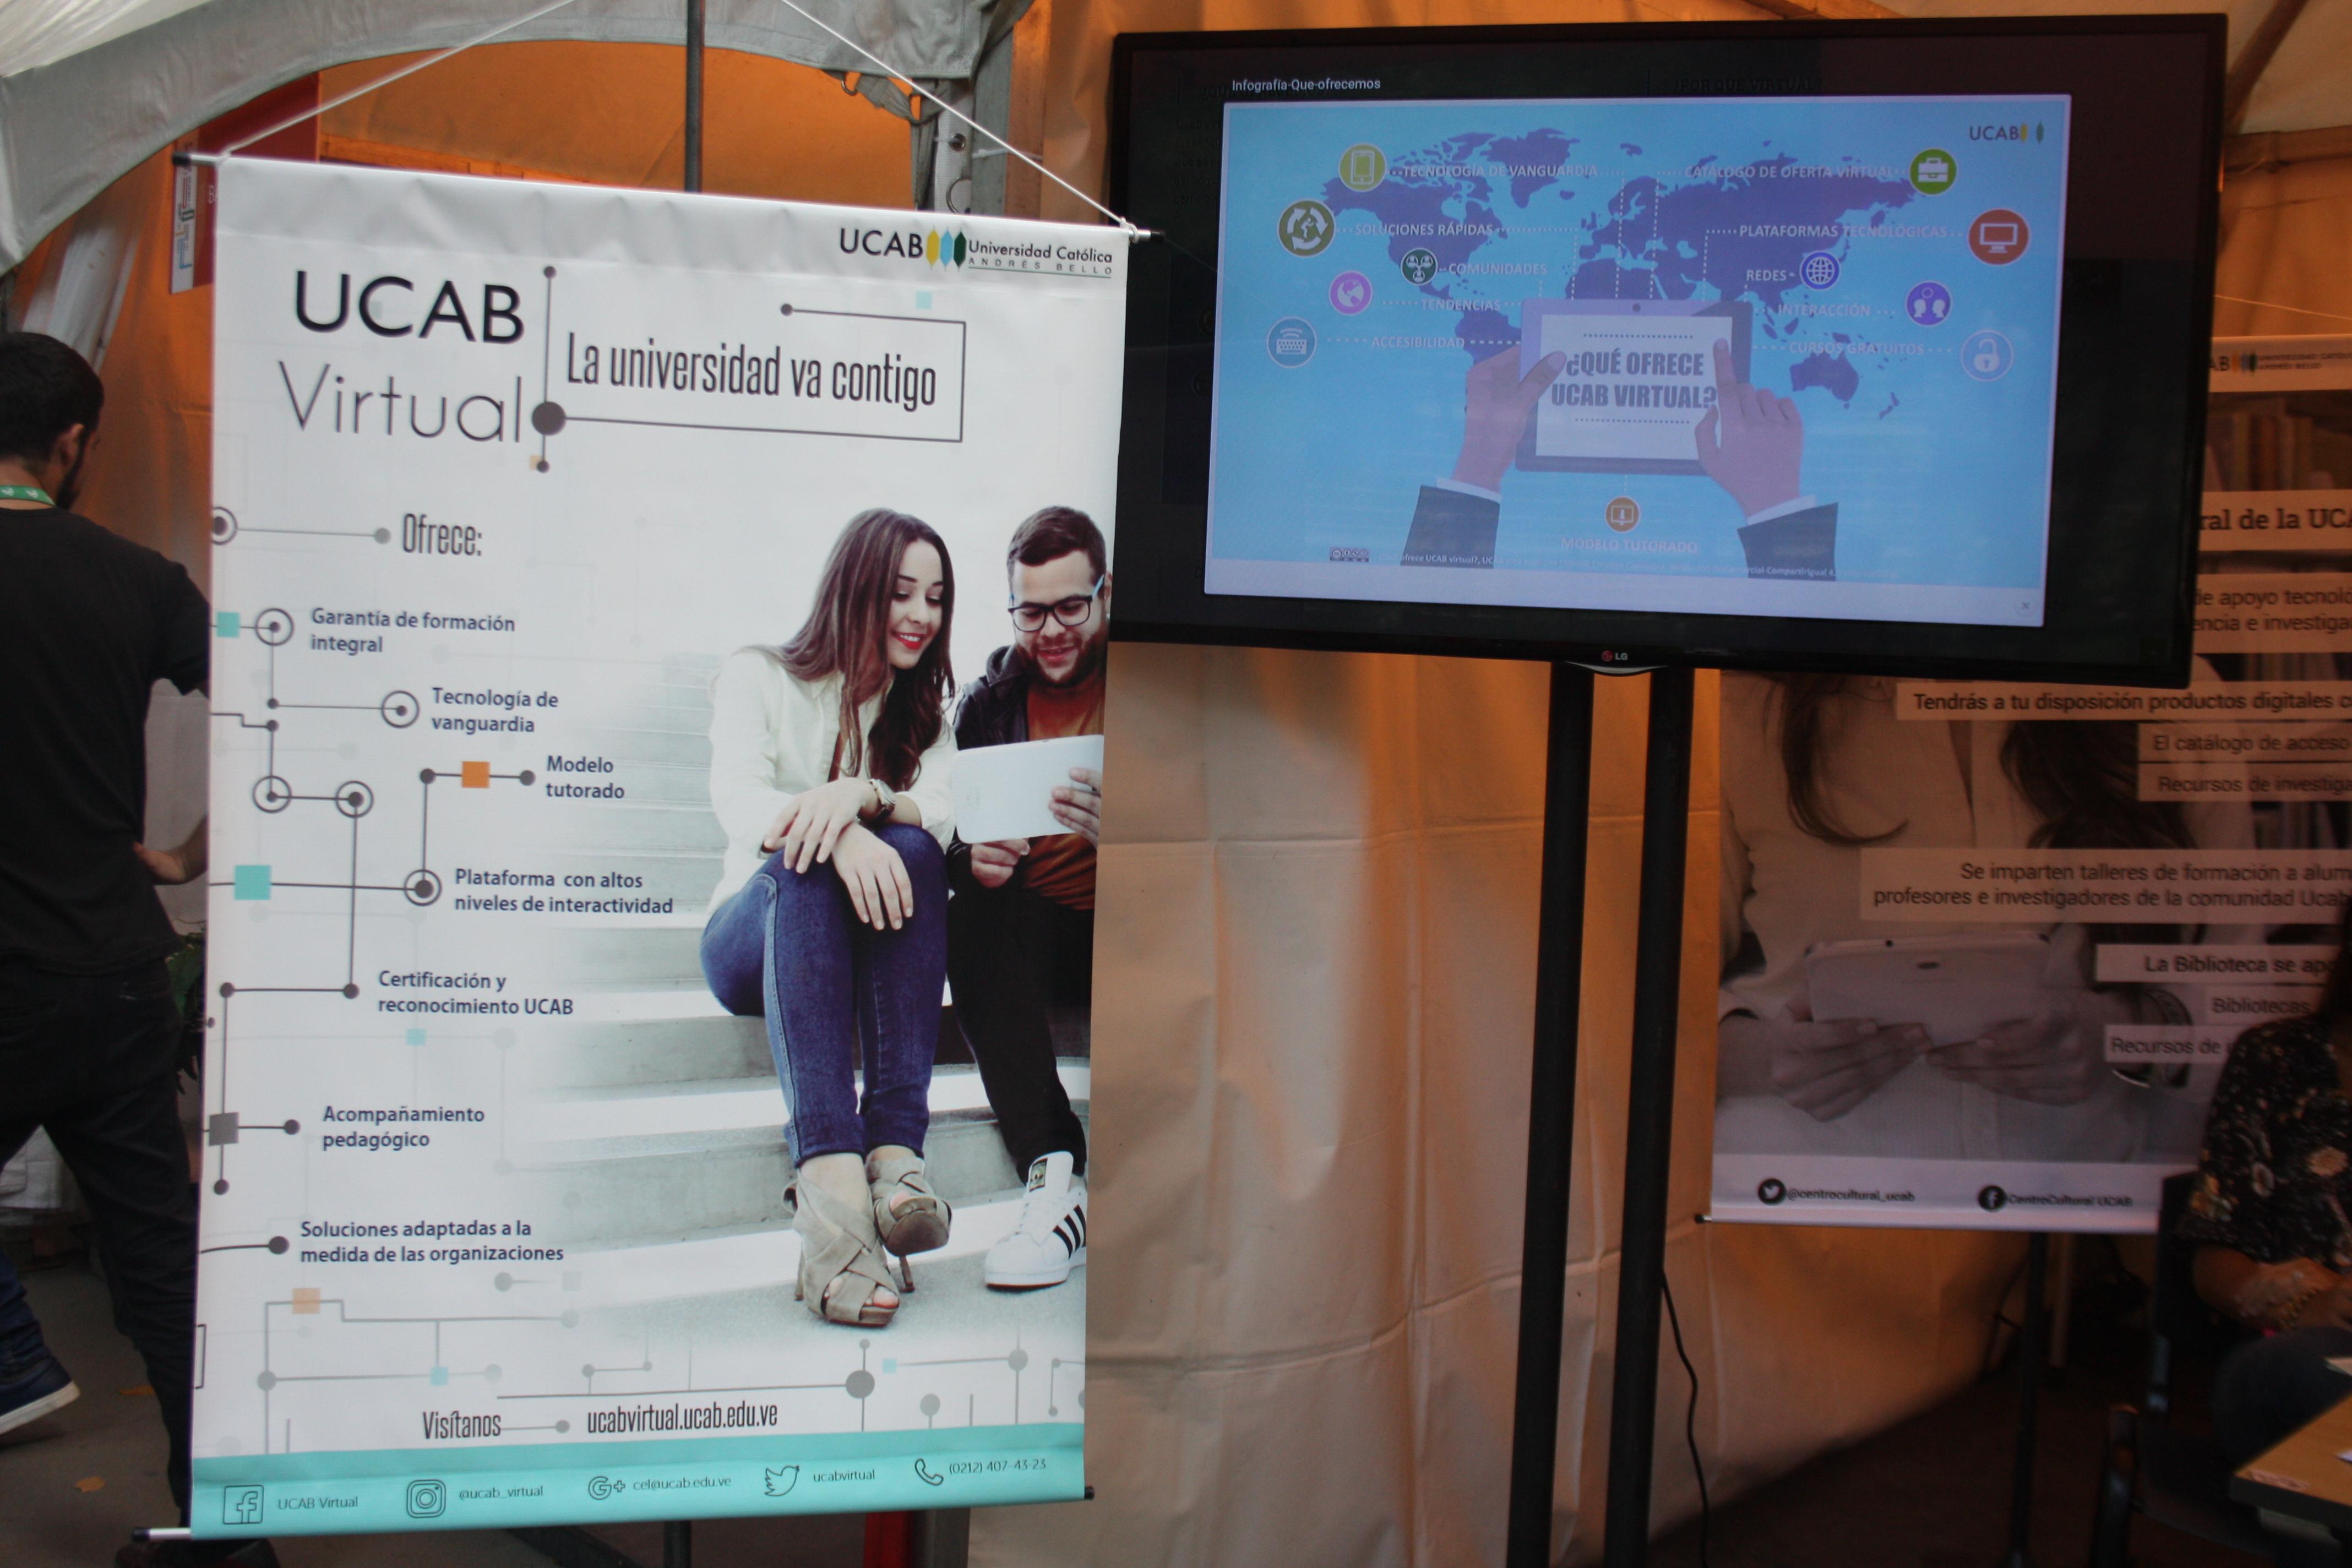 UCAB amplía oferta de estudios virtuales y servicios de investigación en línea